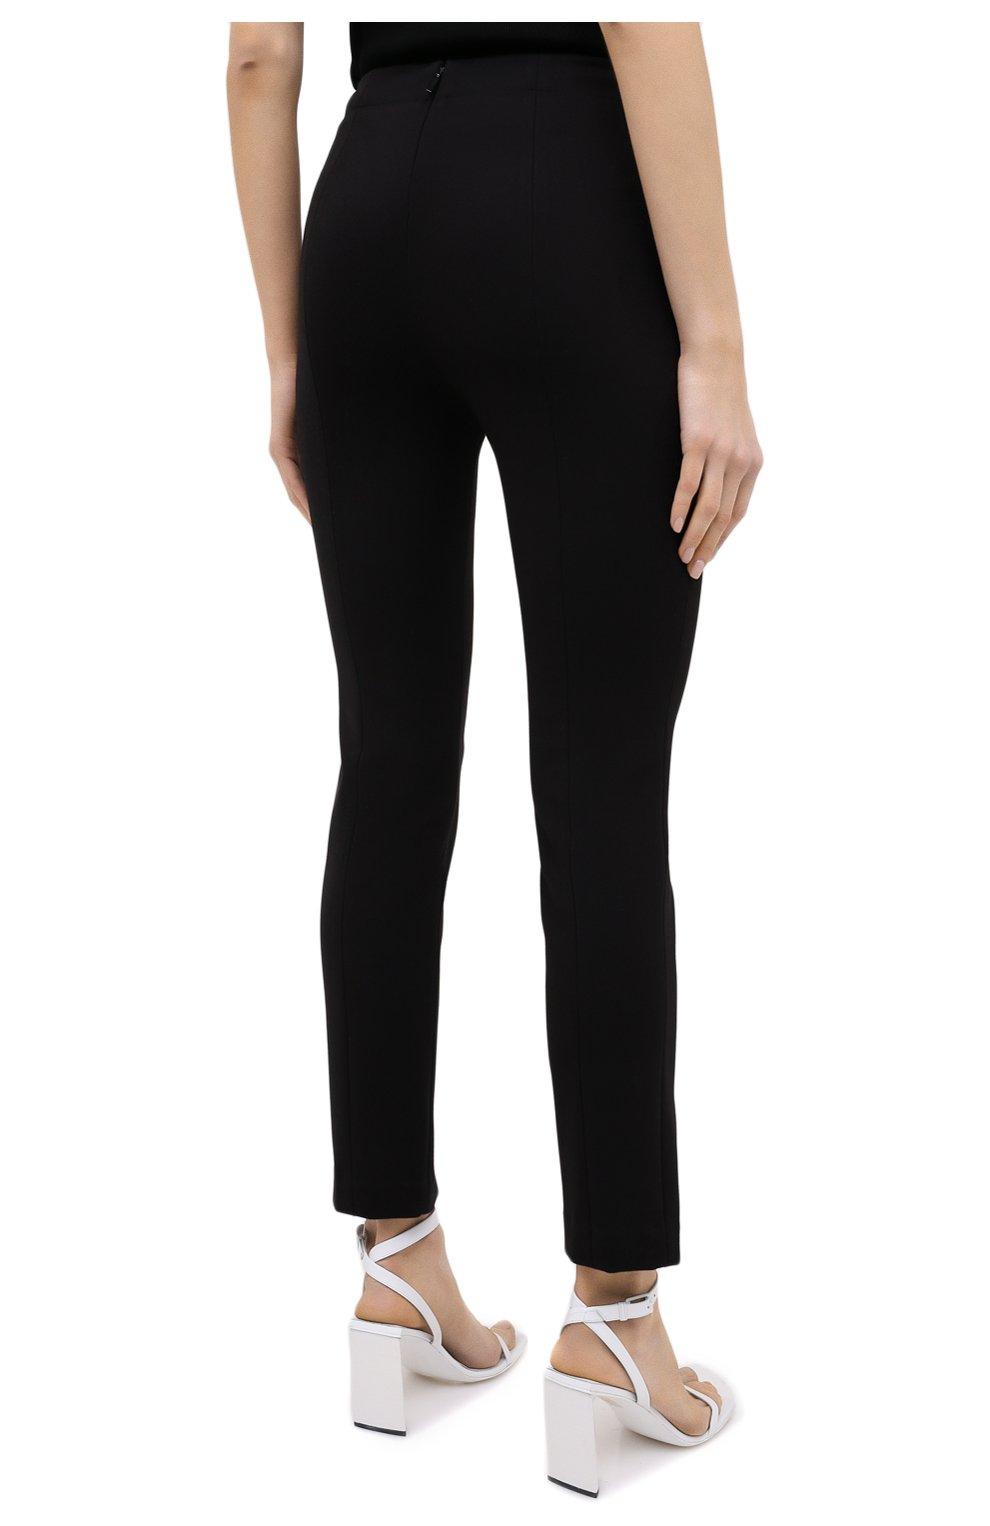 Женские брюки TIBI черного цвета, арт. P220BS3170   Фото 4 (Длина (брюки, джинсы): Стандартные; Женское Кросс-КТ: Брюки-одежда; Материал внешний: Синтетический материал, Вискоза; Силуэт Ж (брюки и джинсы): Прямые; Стили: Минимализм)